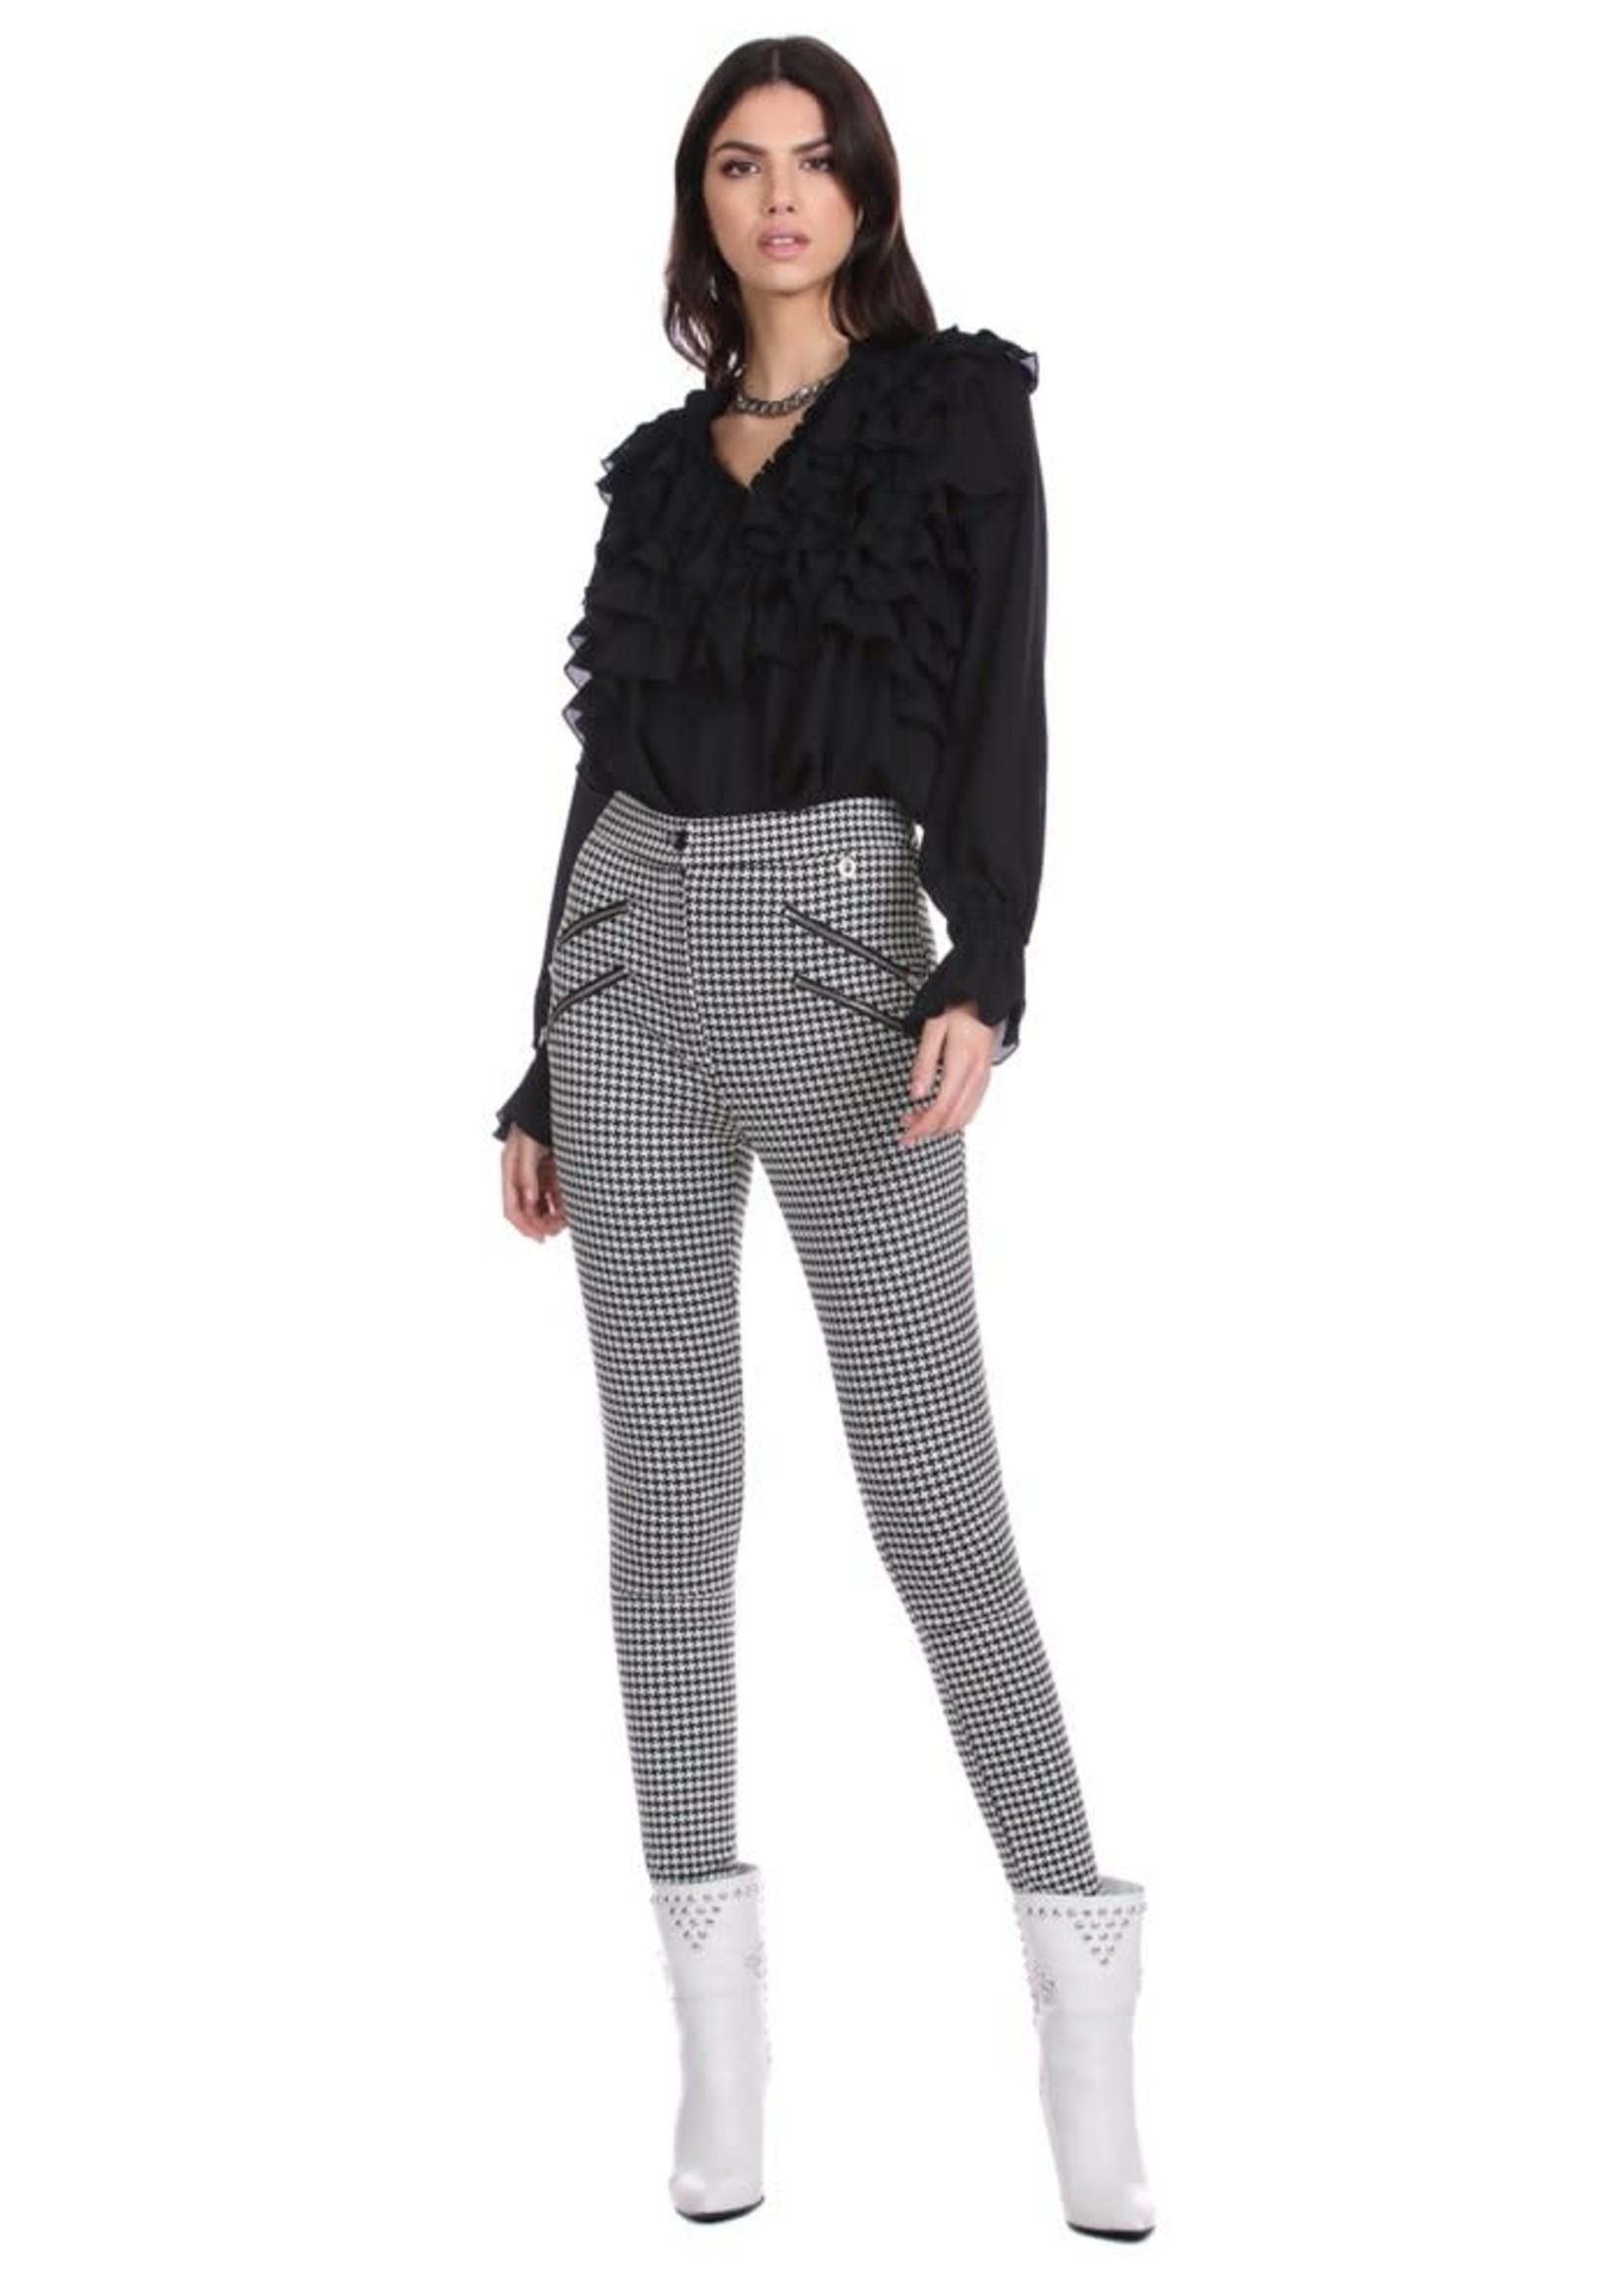 Relish AIAS broek met hoge taille en vichy-rits